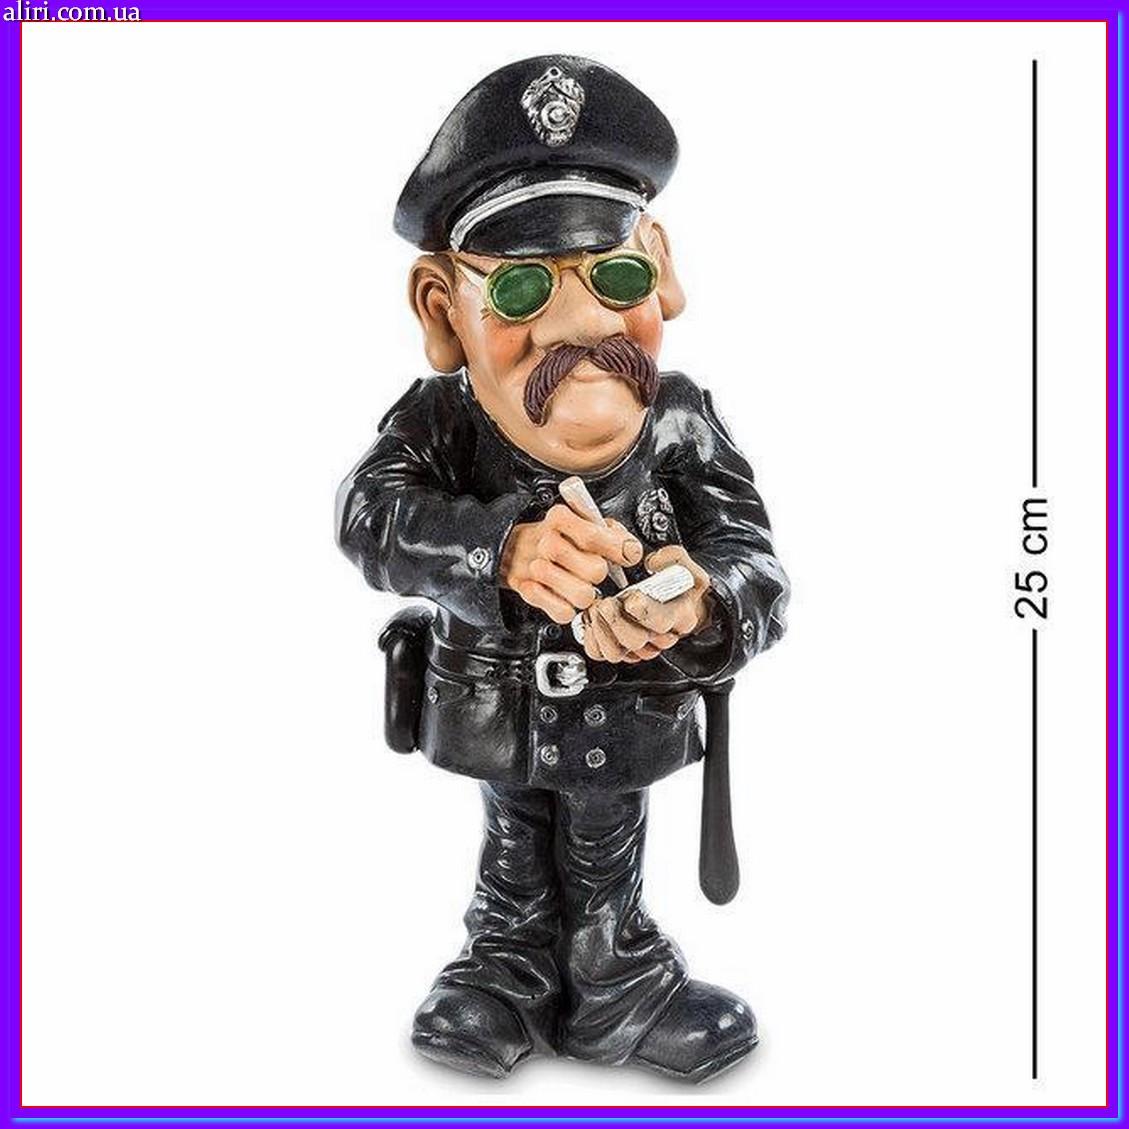 Статуэтка Полицейский 25 см W.Stratford, прикольный подарок работнику полиции